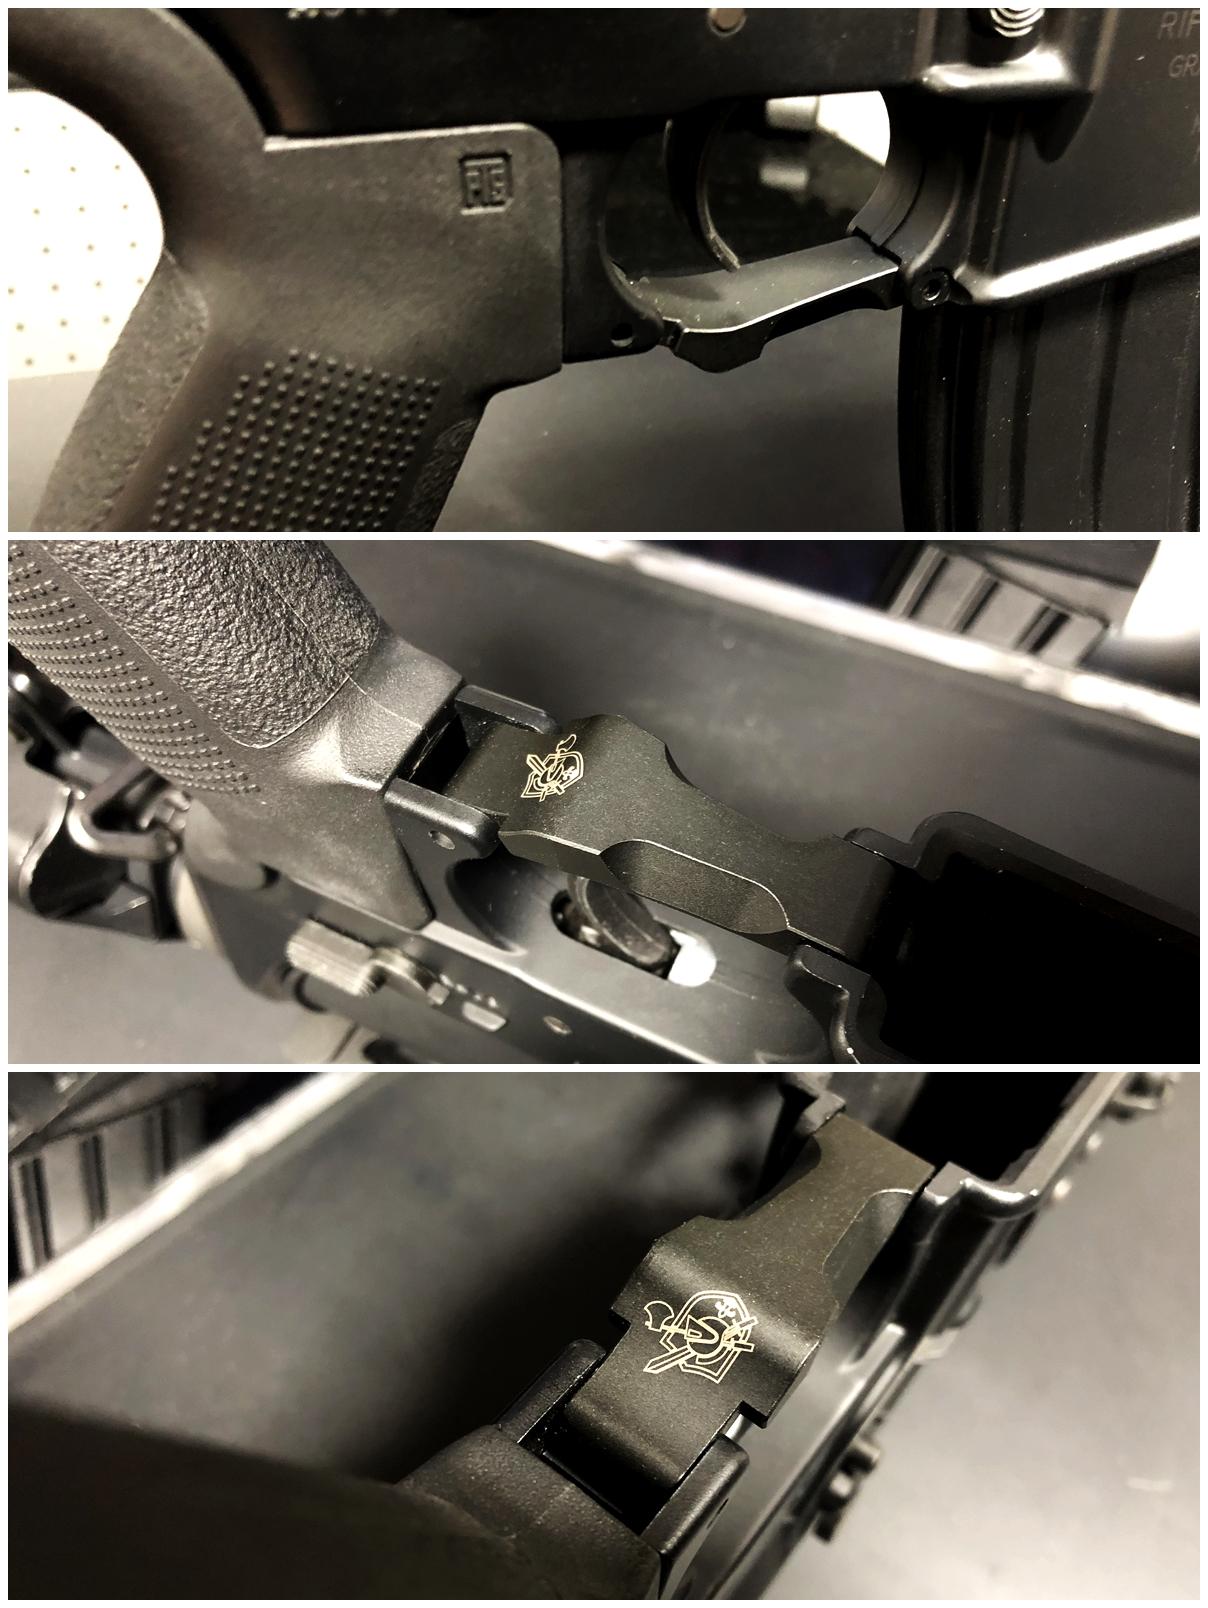 6 実物 BCM GUNFIGHTER TRIGGR GUARD MOD 0 ガンファイタートリガーガード 次世代電動ガンに実物トリガーガードを取付けてやる!! 開封 3Dプリント DIY 加工 交換 取付 正規品 新品 カスタム レビュー